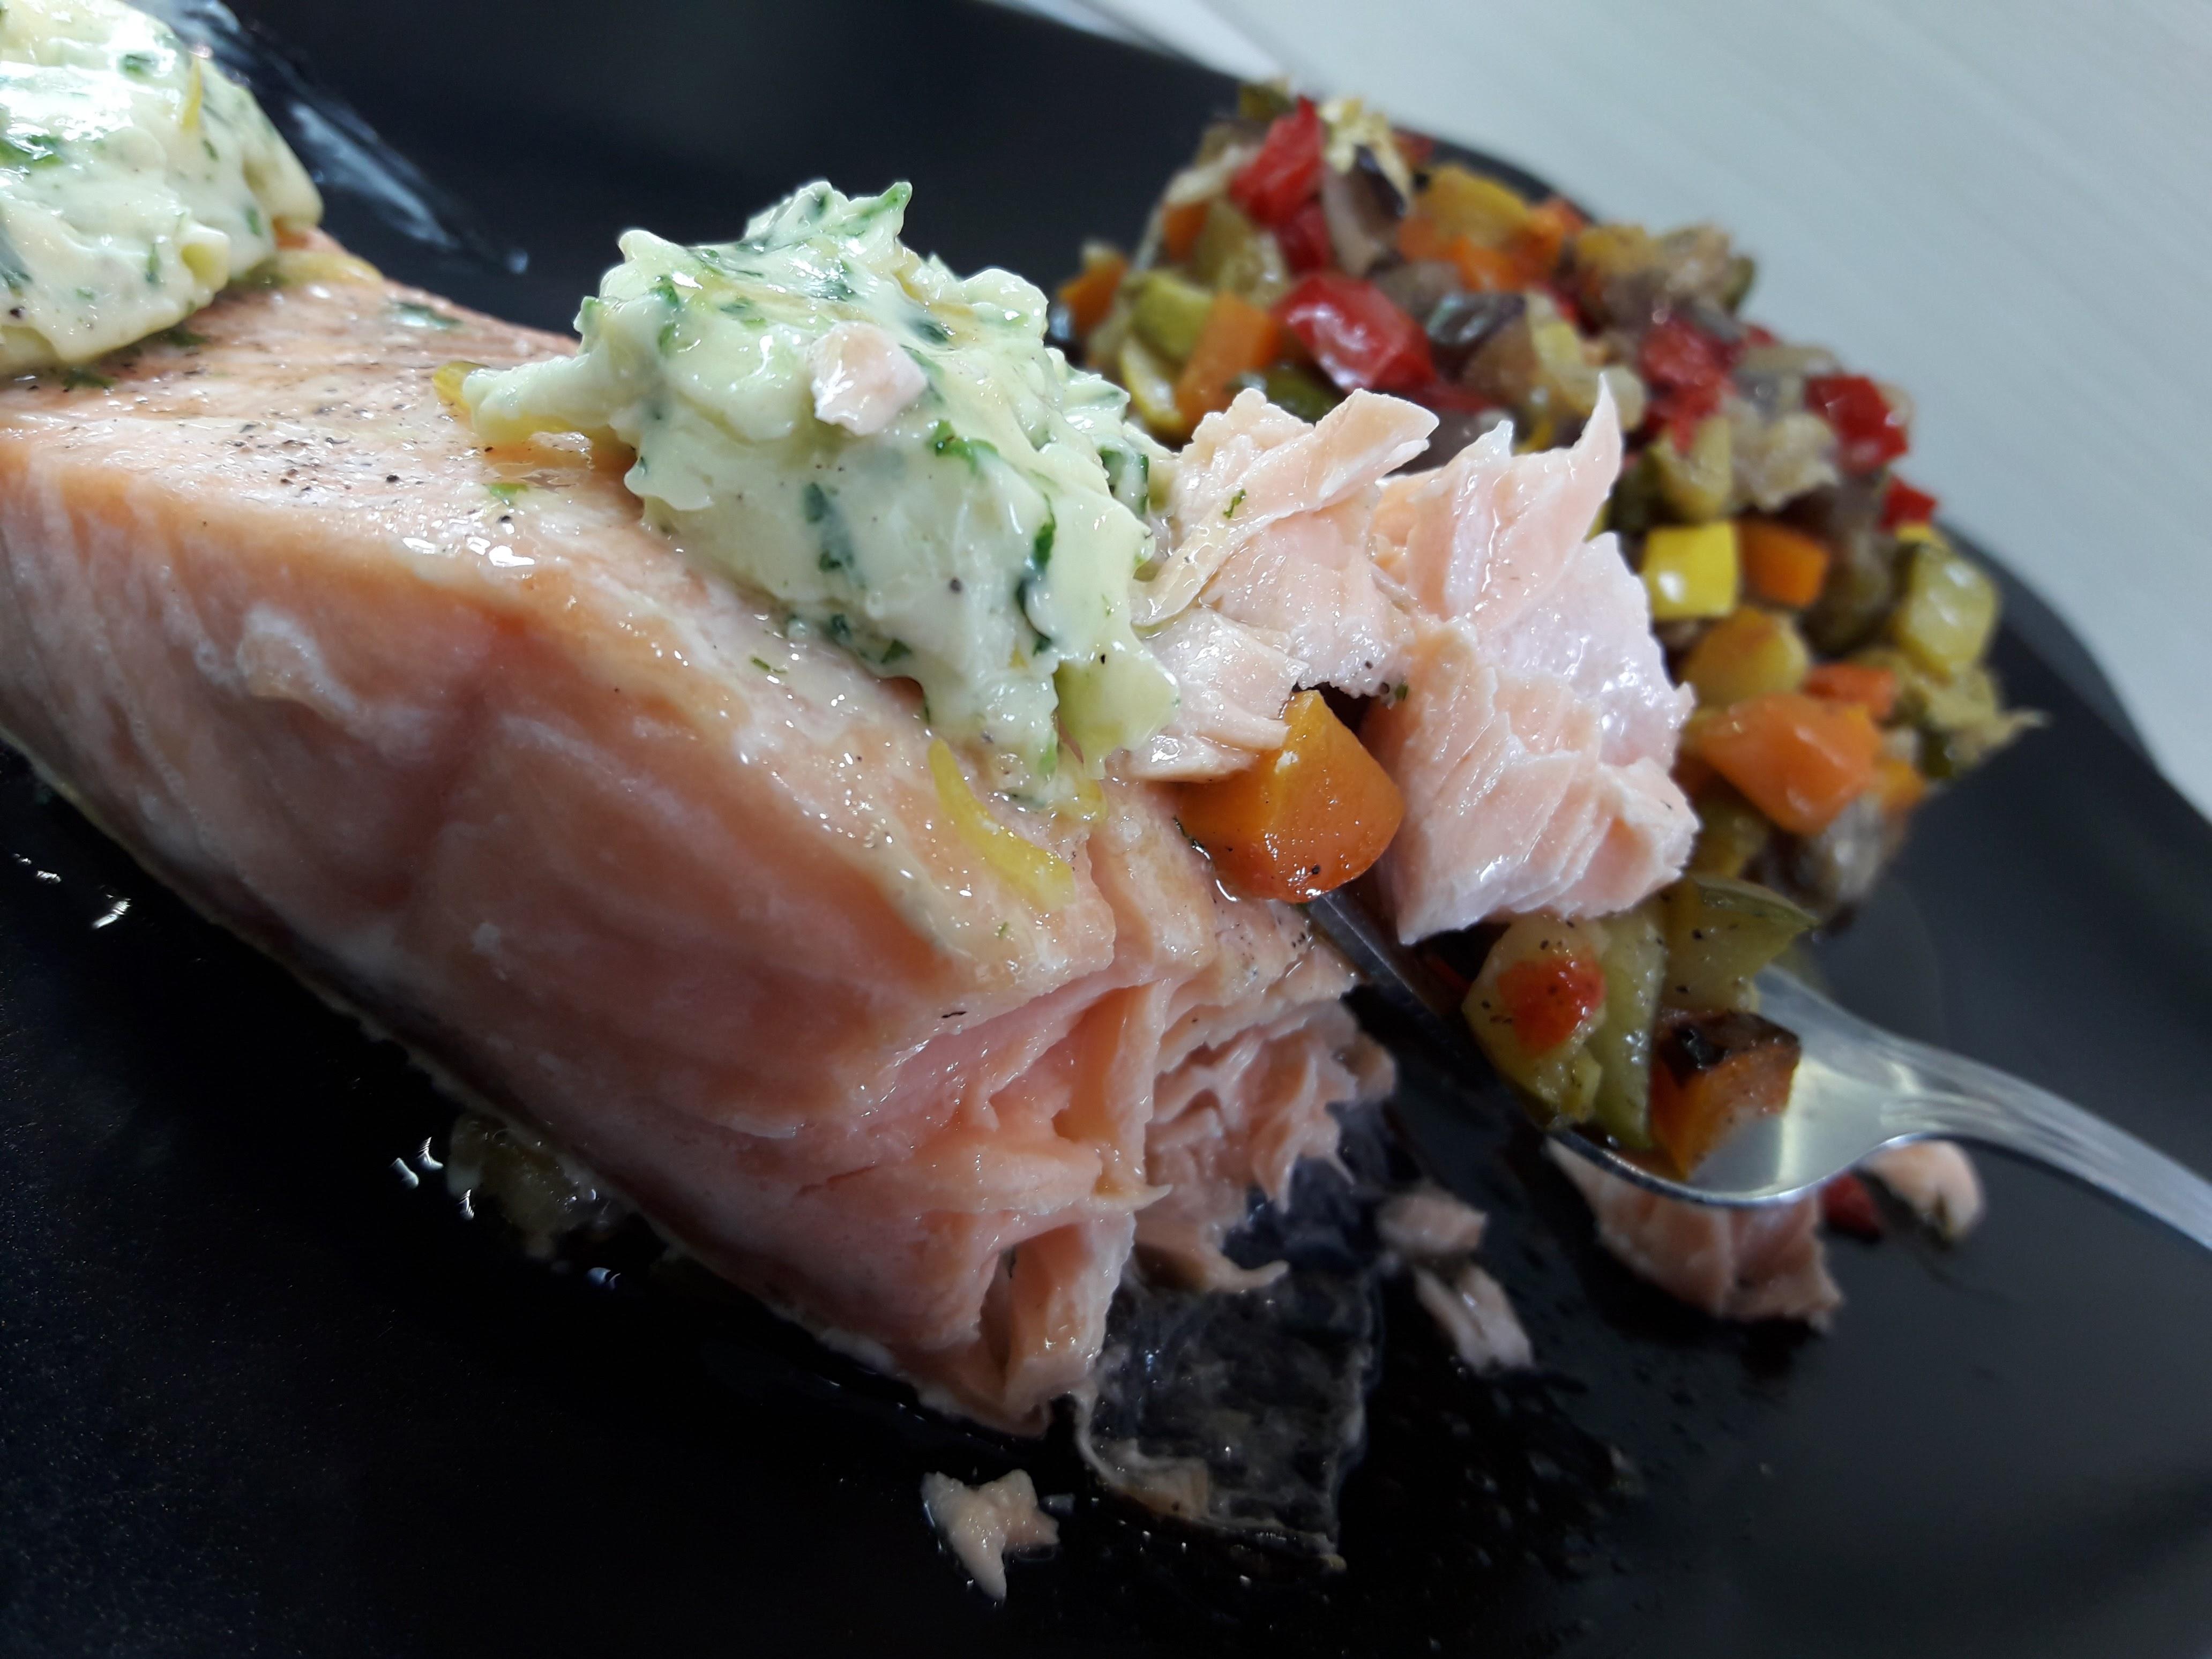 Pav s de saumon au beurre d 39 estragon la recette facile - Comment cuisiner des paves de saumon ...